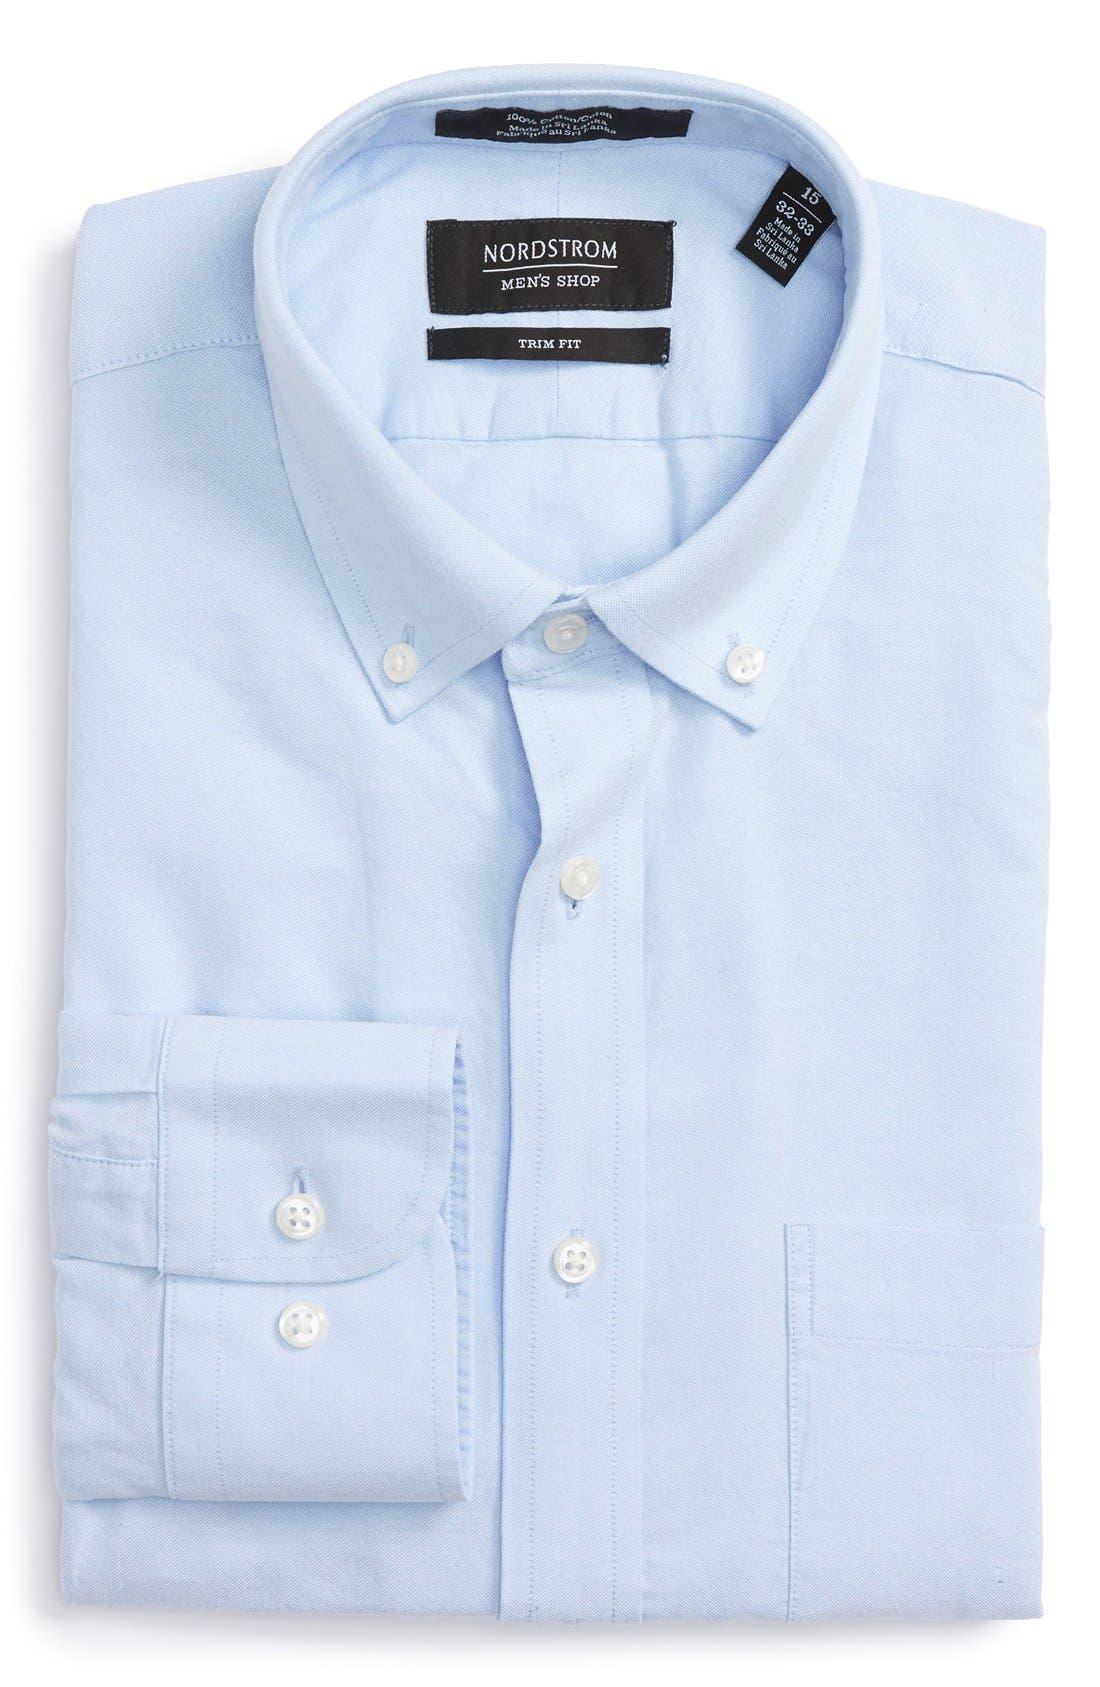 Alternate Image 1 Selected - Nordstrom Men's Shop Trim Fit Solid Oxford Dress Shirt